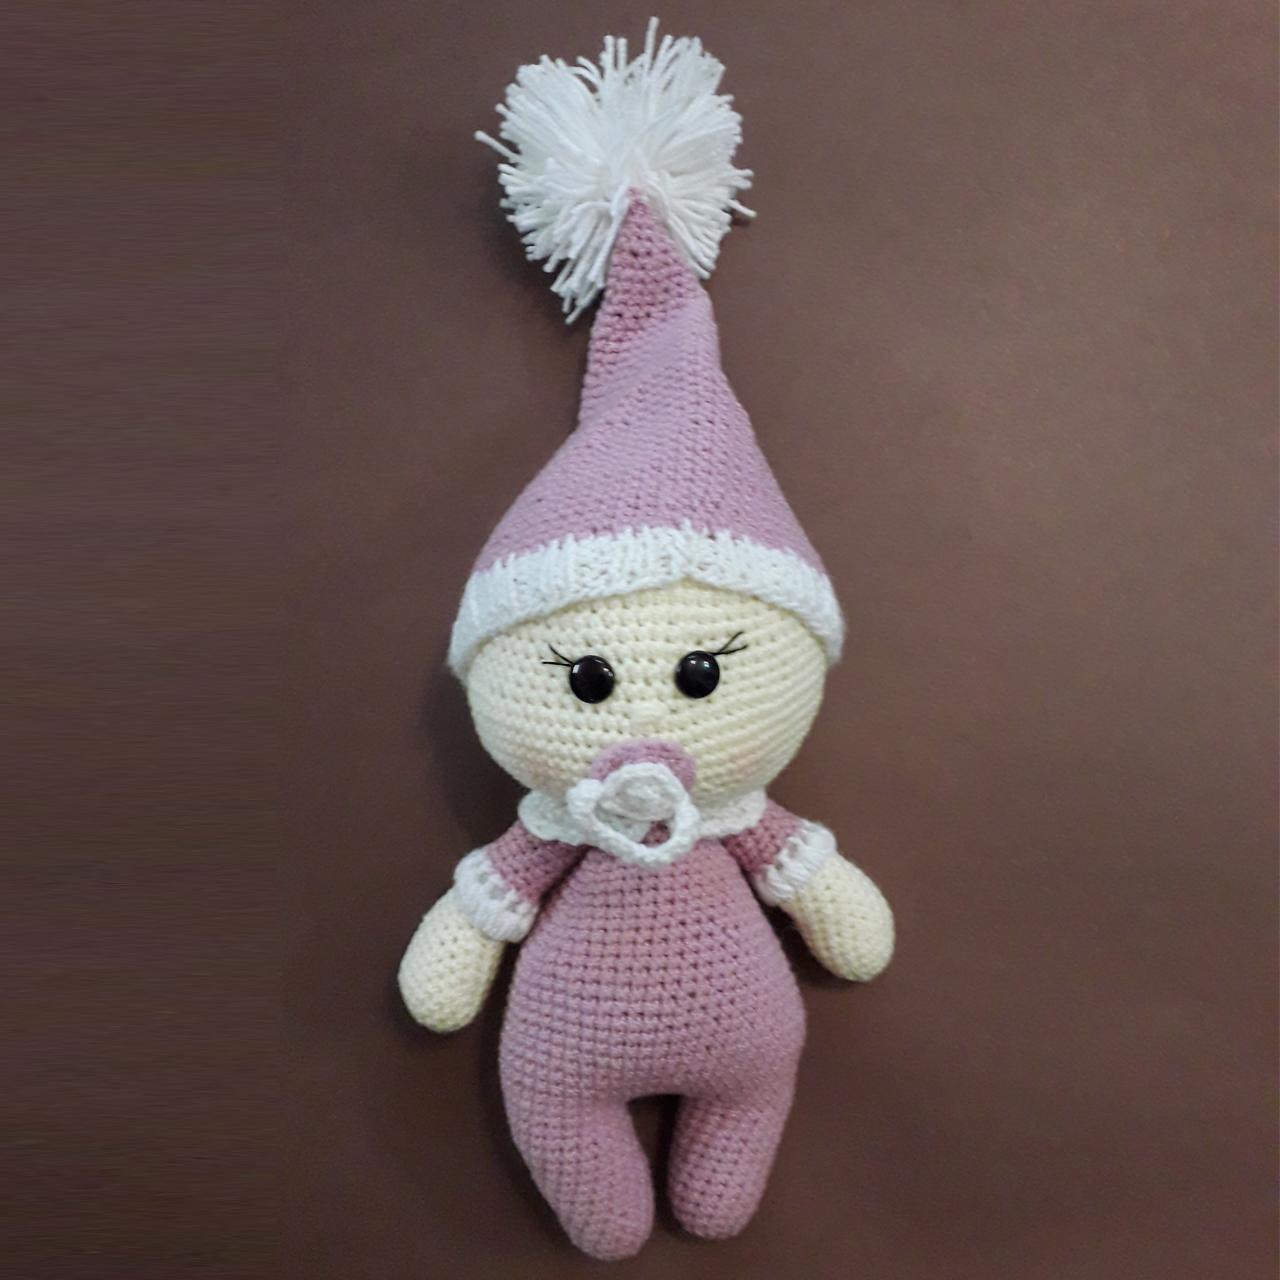 خرید                       عروسک بافتنی طرح نوزاد کد 0112